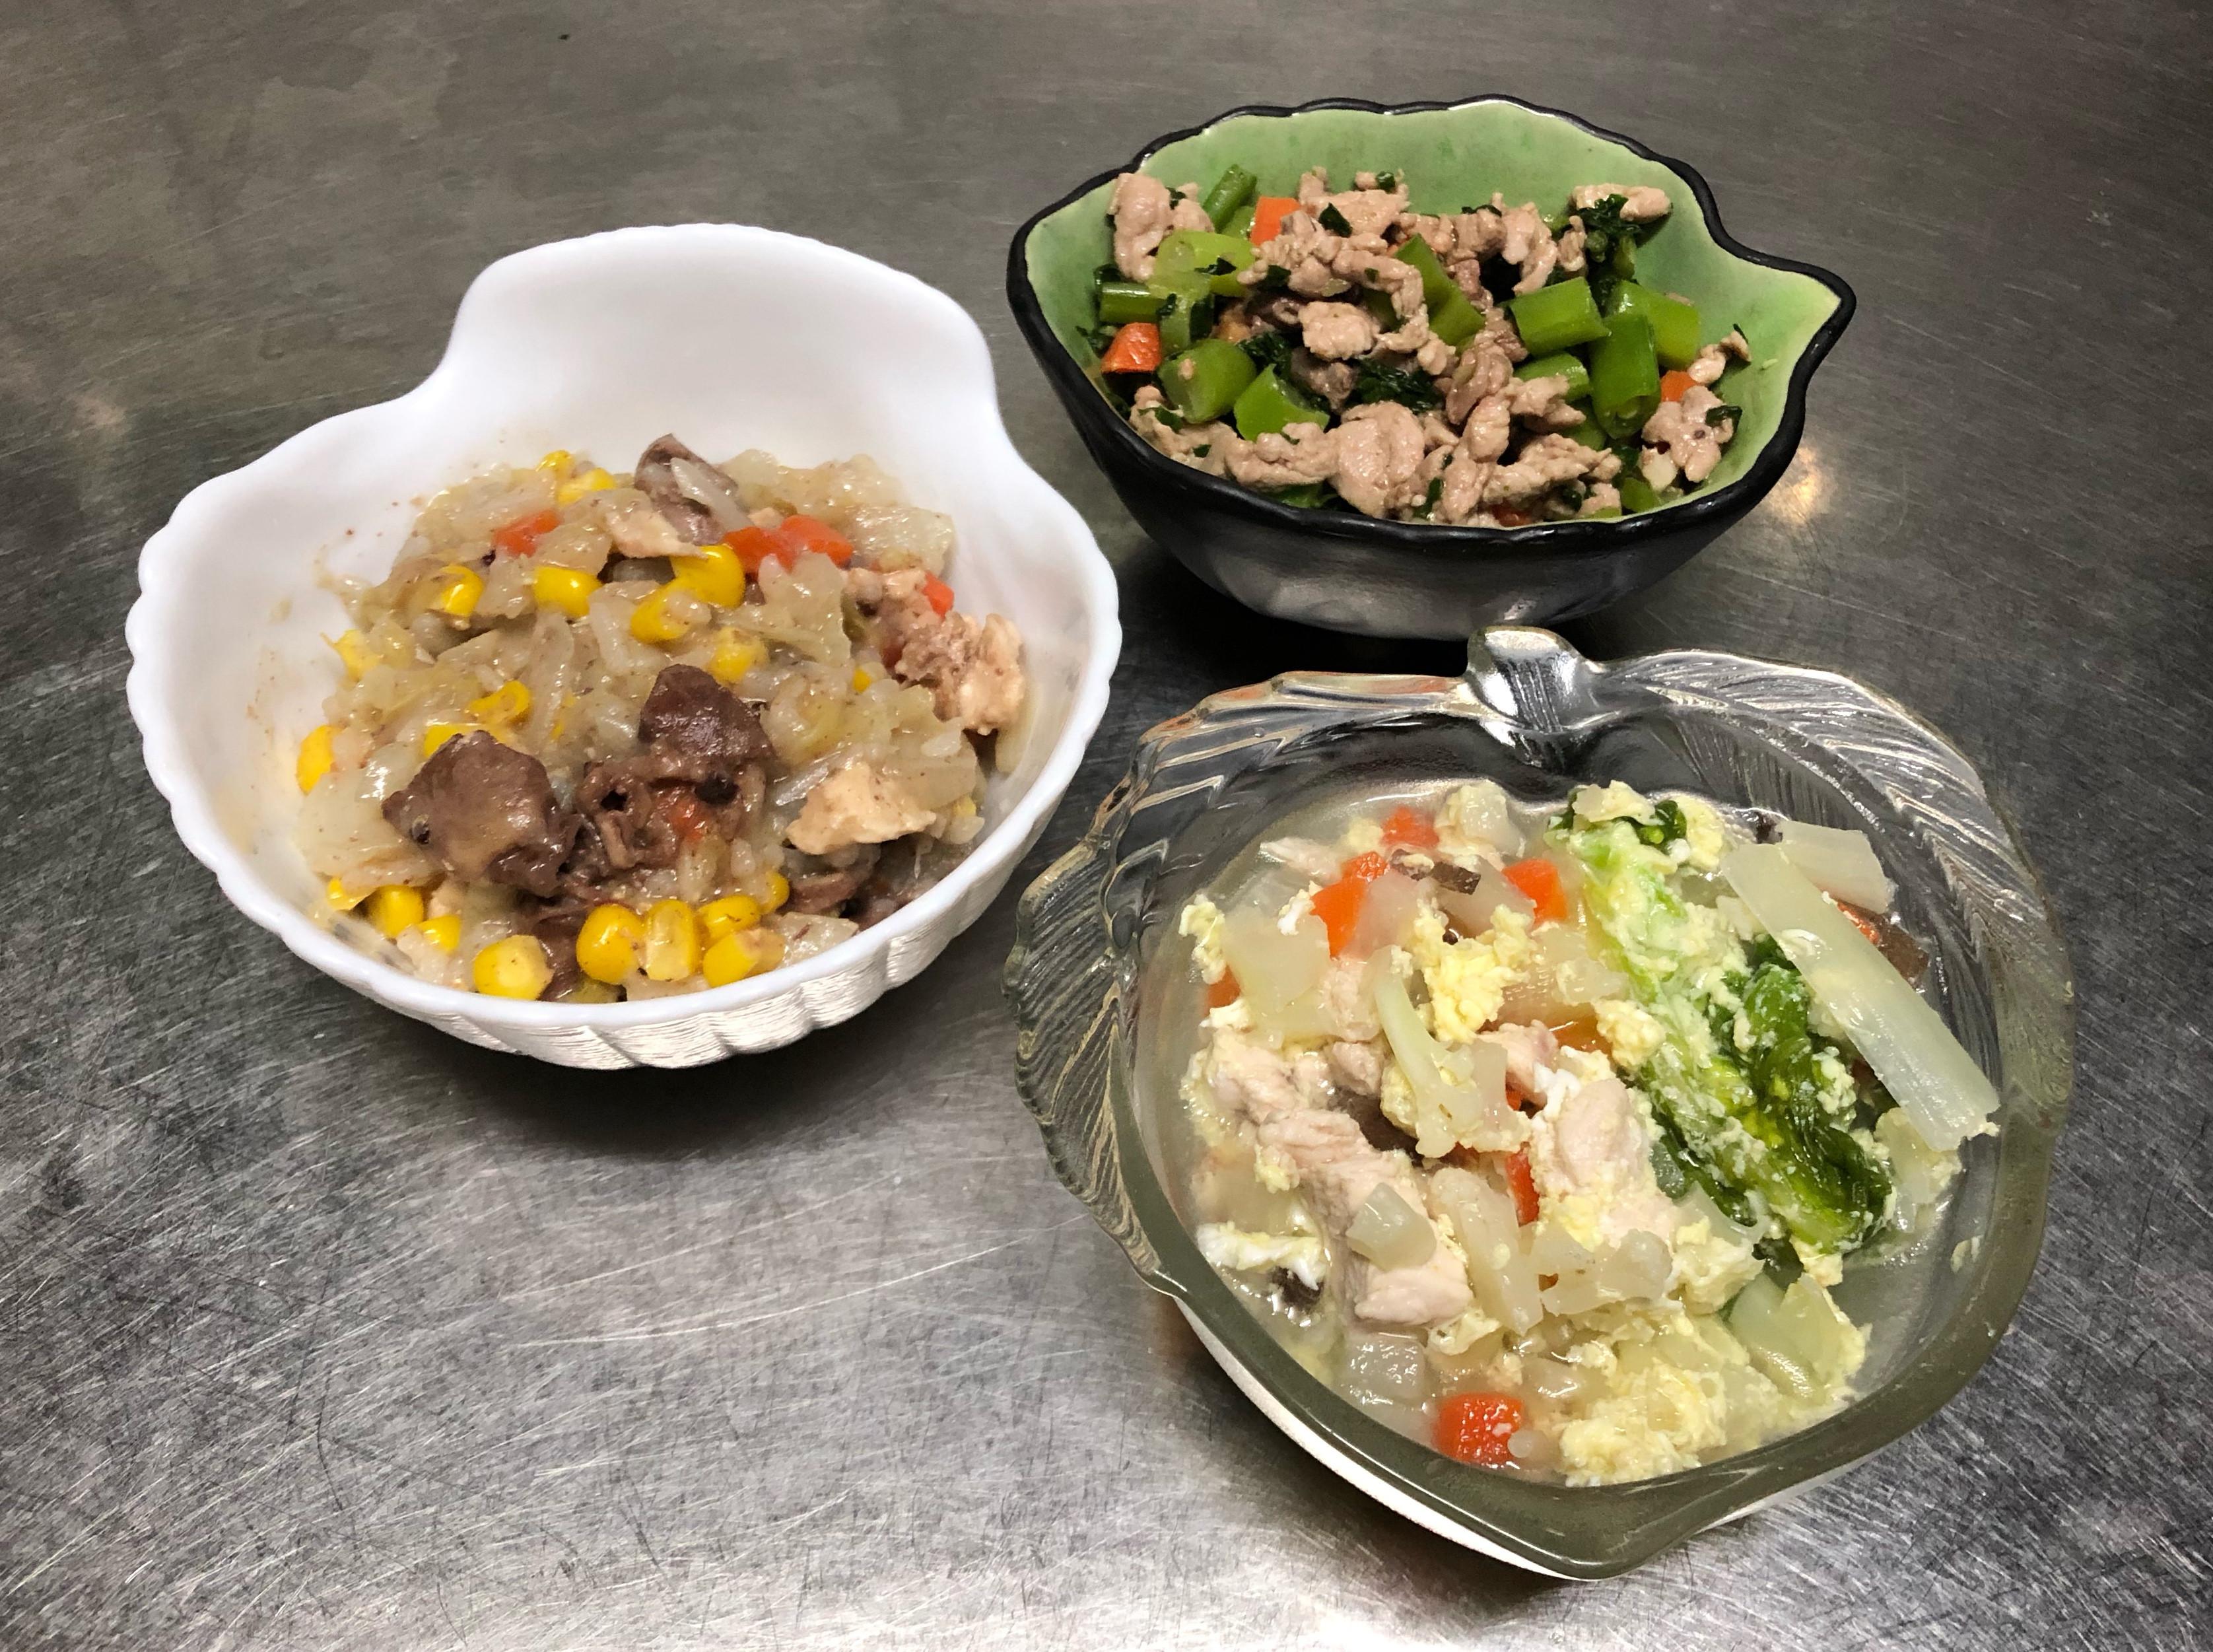 鮮食🐾麻油雞心飯 芥蘭炒肉 蔬菜蛋花湯